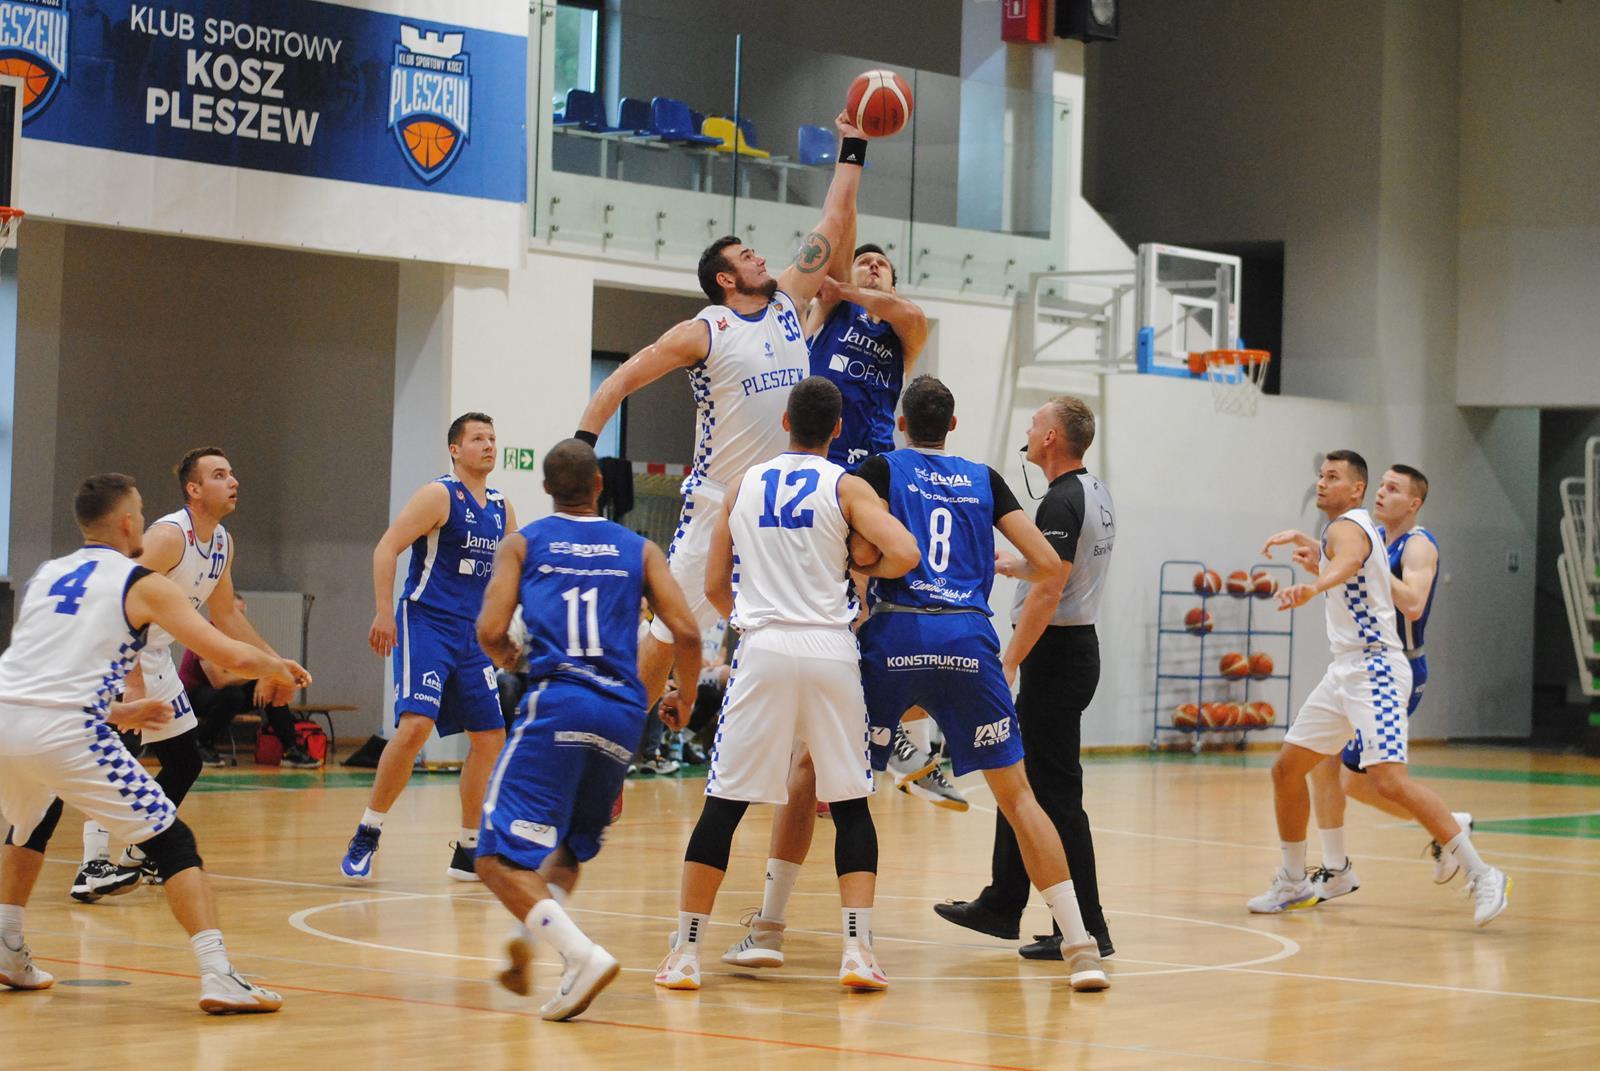 II liga koszykówki. Koszykarski thriller w Pleszewie - Zdjęcie główne